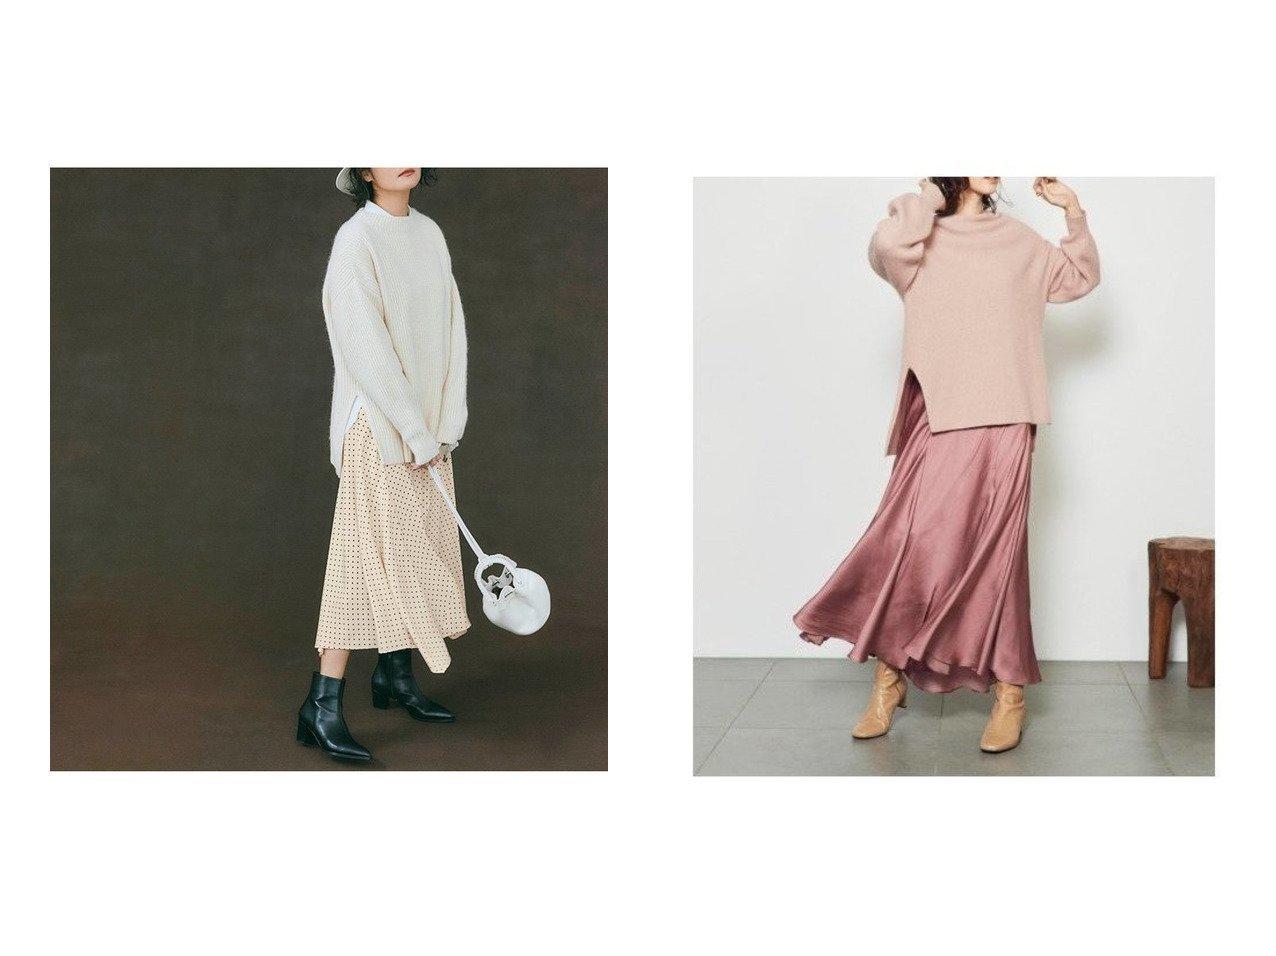 【SNIDEL/スナイデル】のニットスカートセットアップ&【Mystrada/マイストラーダ】のドットスカートセット ワンピース・ドレスのおすすめ!人気、レディースファッションの通販  おすすめで人気のファッション通販商品 インテリア・家具・キッズファッション・メンズファッション・レディースファッション・服の通販 founy(ファニー) https://founy.com/ ファッション Fashion レディース WOMEN トップス Tops Tshirt セットアップ Setup トップス Tops スカート Skirt ニット Knit Tops セットアップ ドット バランス リラックス イエロー インナー エレガント スマート スリット フレア ロング |ID:crp329100000003391